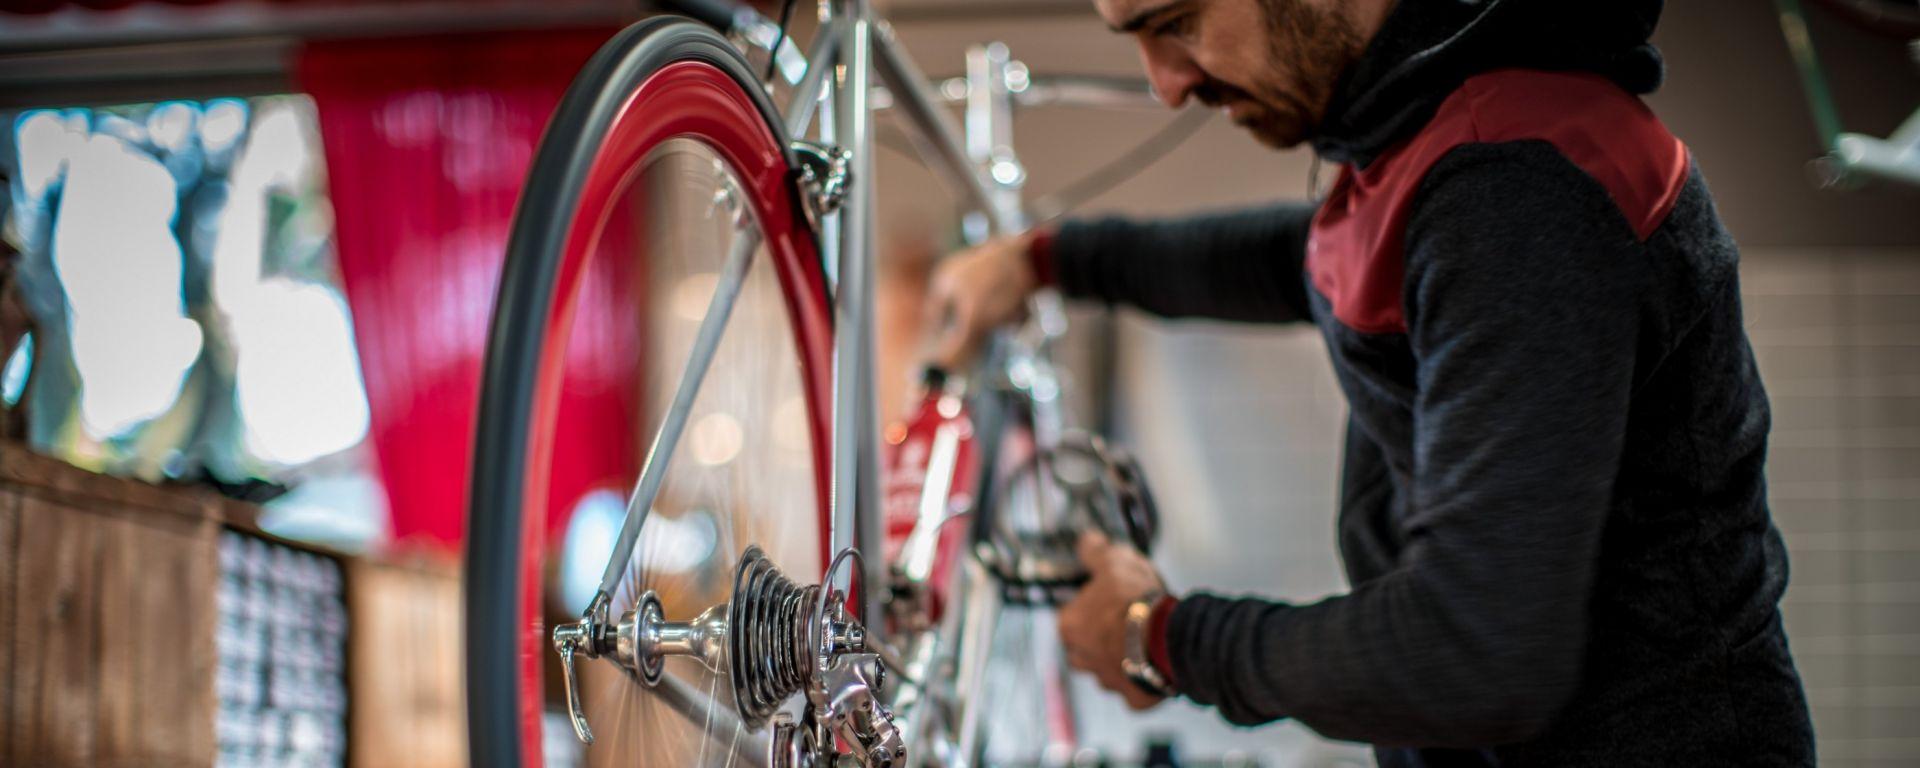 Biciclettaio Matto: biciclette artigianali dal Lago di Garda